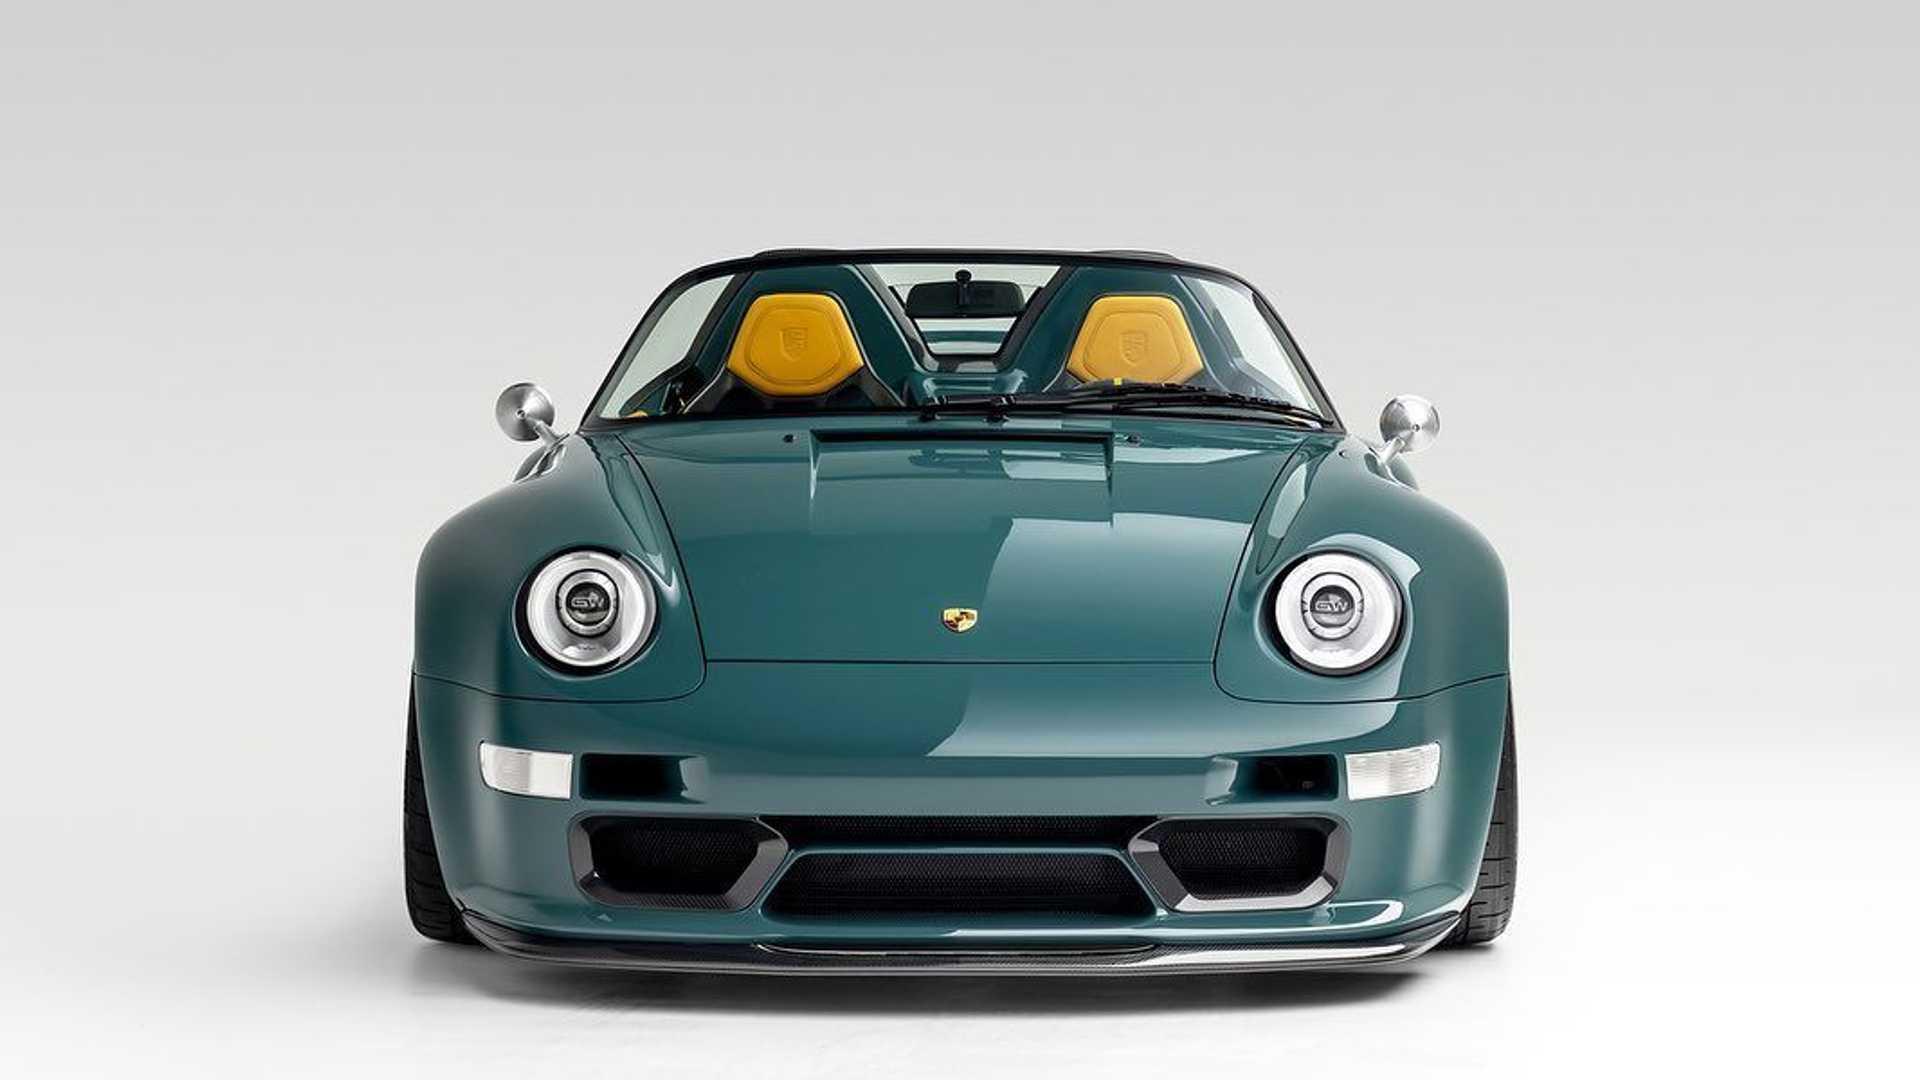 Porsche-911-993-Speedster-Remastered-by-Gunther-Werks-1